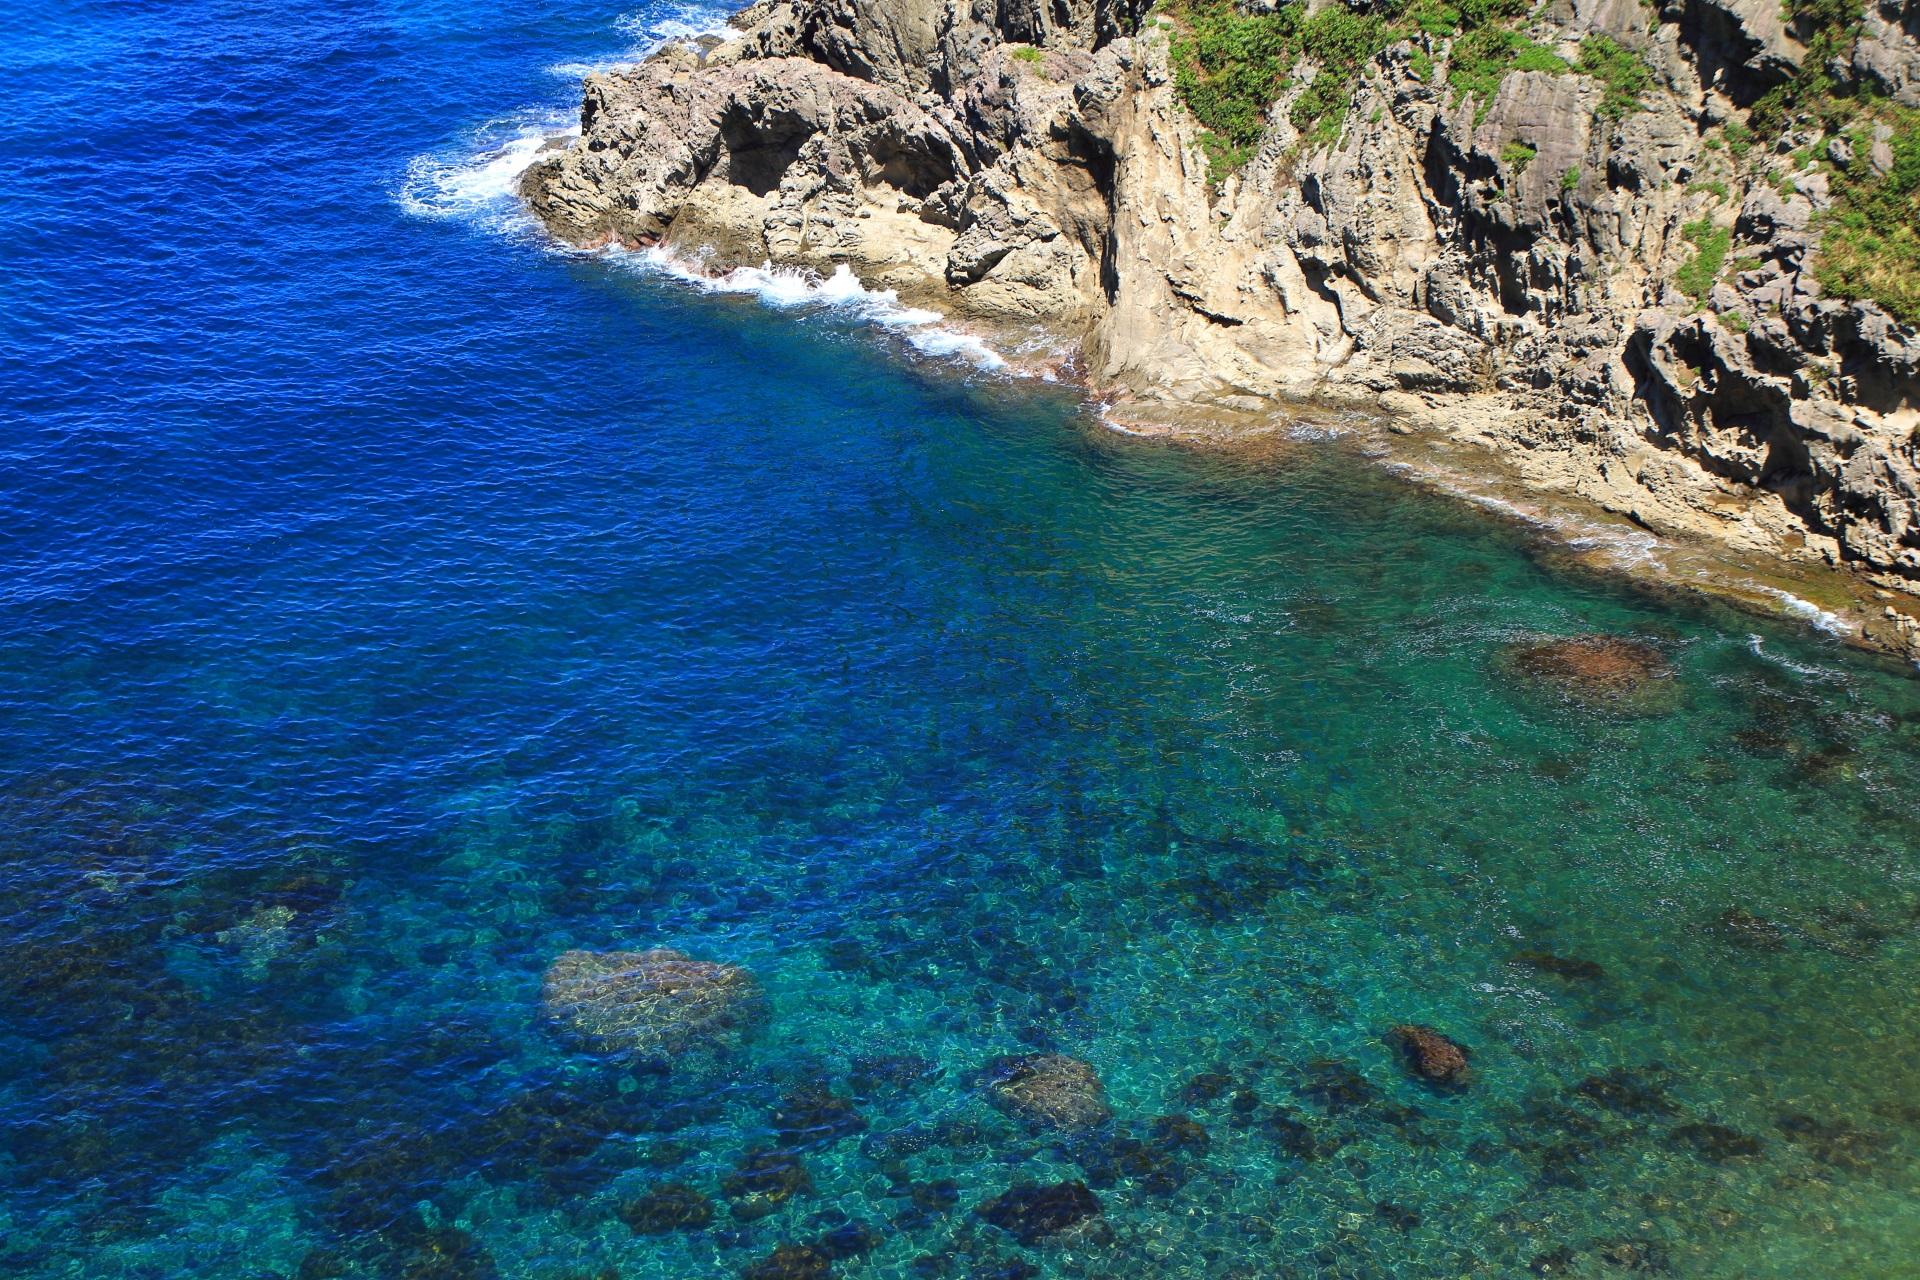 カマヤ海岸の透きとおる美しい海の水